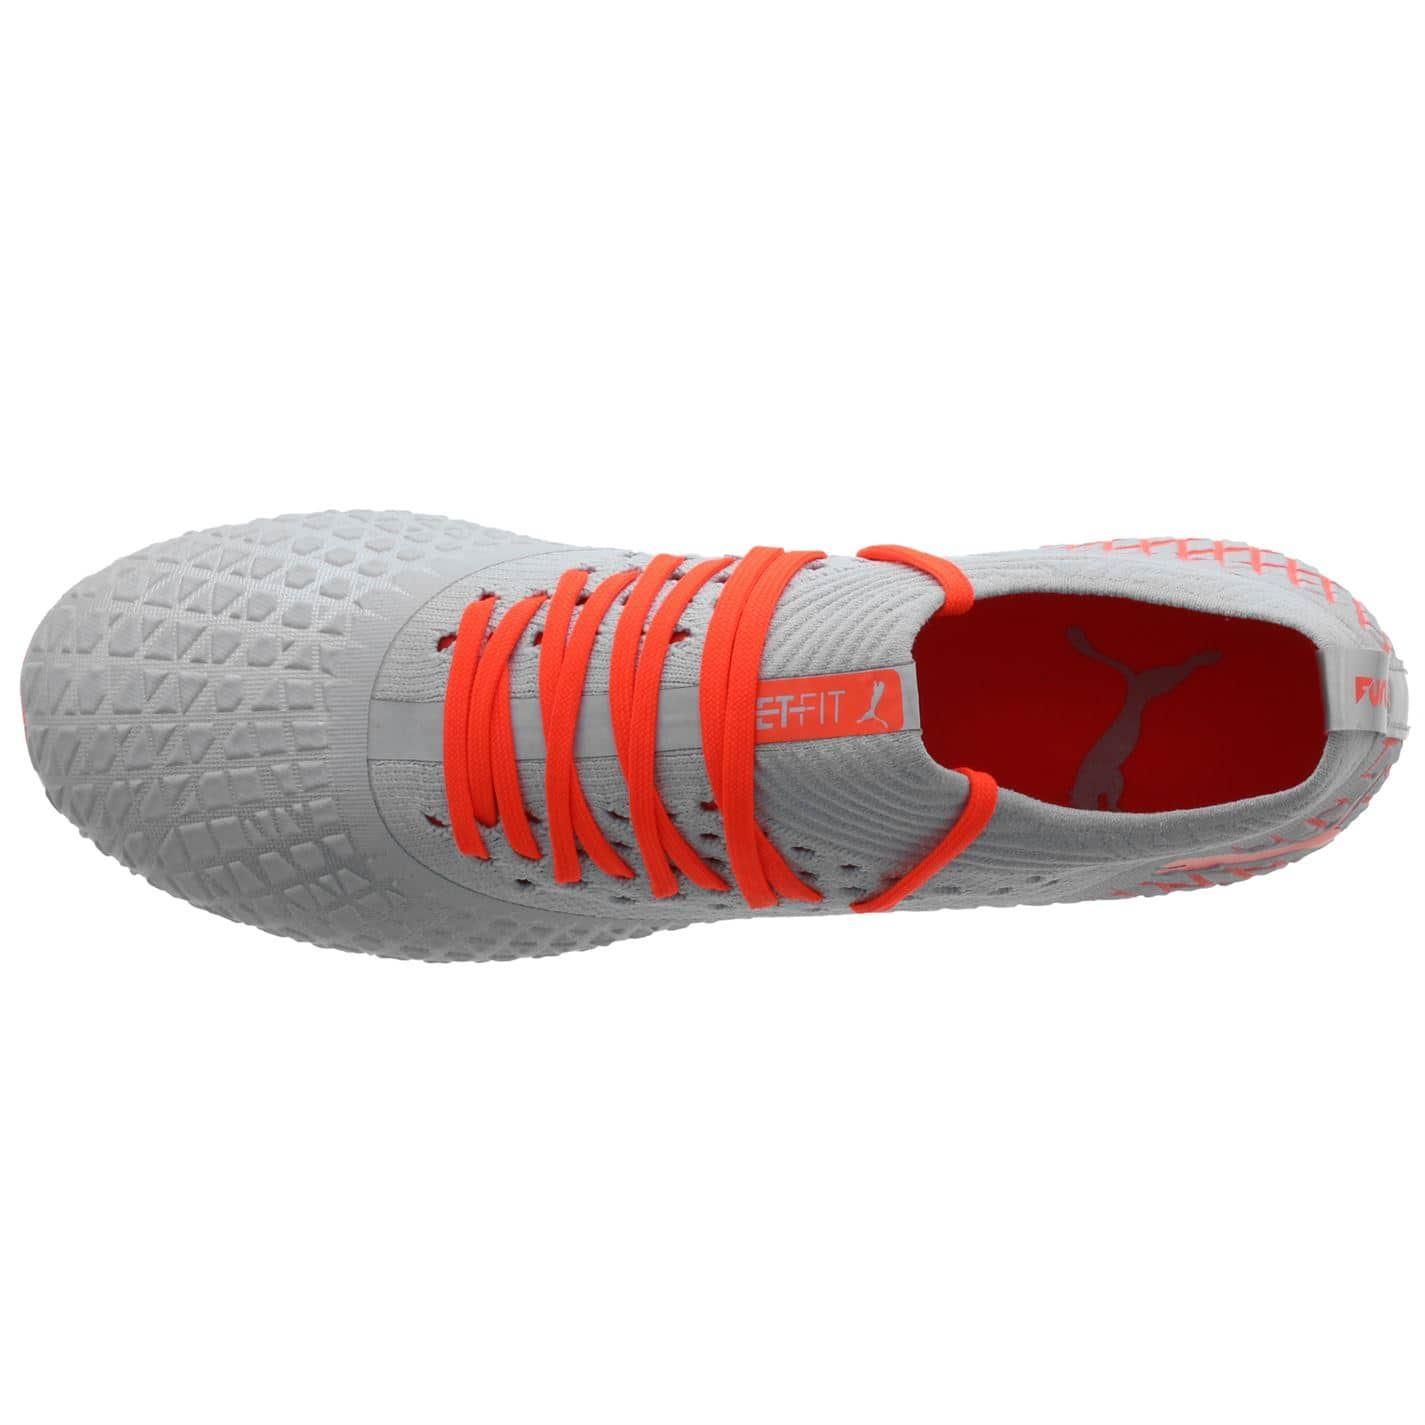 zapatos joma futsal ni�os precios